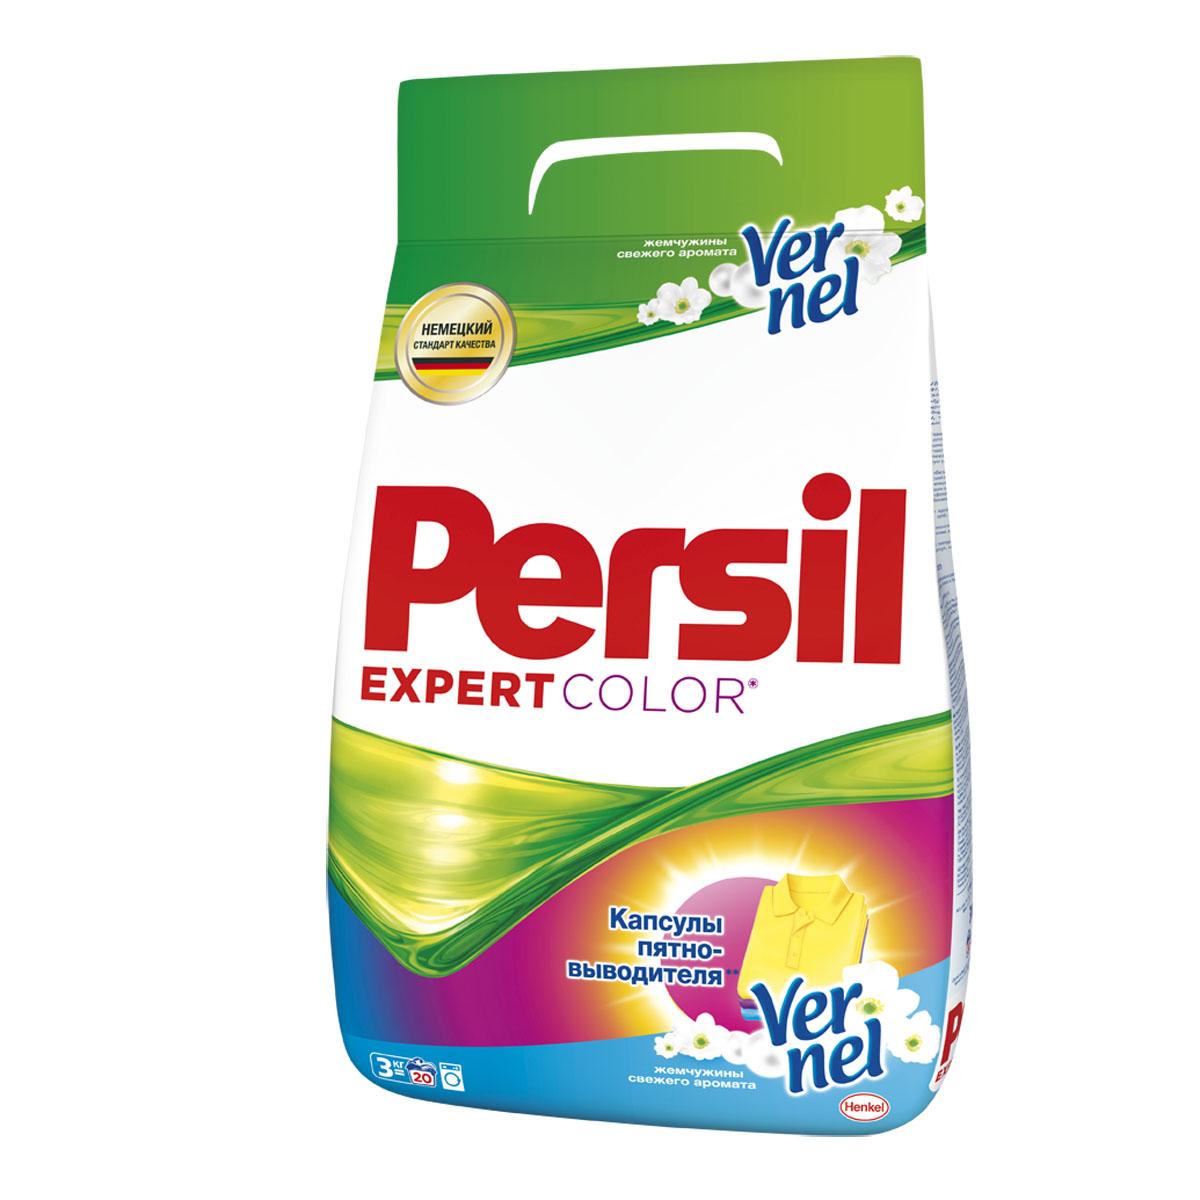 Стиральный порошок Persil Expert Color, свежесть от Vernel, 3 кг904674Persil Expert Color - стиральный порошок с инновационной формулой, которая содержит активные капсулы жидкого пятновыводителя. Капсулы пятновыводителя быстро растворяются в воде и начинают действовать на пятно уже в самом начале стирки. Благодаря инновационной технологии Persil Expert отлично удаляет даже самые сложные пятна, а специальные цветозащитные компоненты сохраняют яркие цвета ткани. В состав Persil также входят Жемчужины свежего аромата Vernel - микрокапсулы, похожие на жемчужины, содержащие внутри отдушку Vernel. Во время стирки Жемчужины закрепляются между волокнами ткани и высвобождают свой аромат при каждом движении или прикосновении. Ваша одежда сохраняет свежесть 24 часа и даже дольше. Средство моющее синтетическое универсальное. Предназначен для стирки цветных и белых изделий из х/б, льняных, синтетических тканей и тканей из смешанных волокон в стиральных машинах-автоматах и ручной стирки в воде любой жесткости. Для изделий из шерсти и...